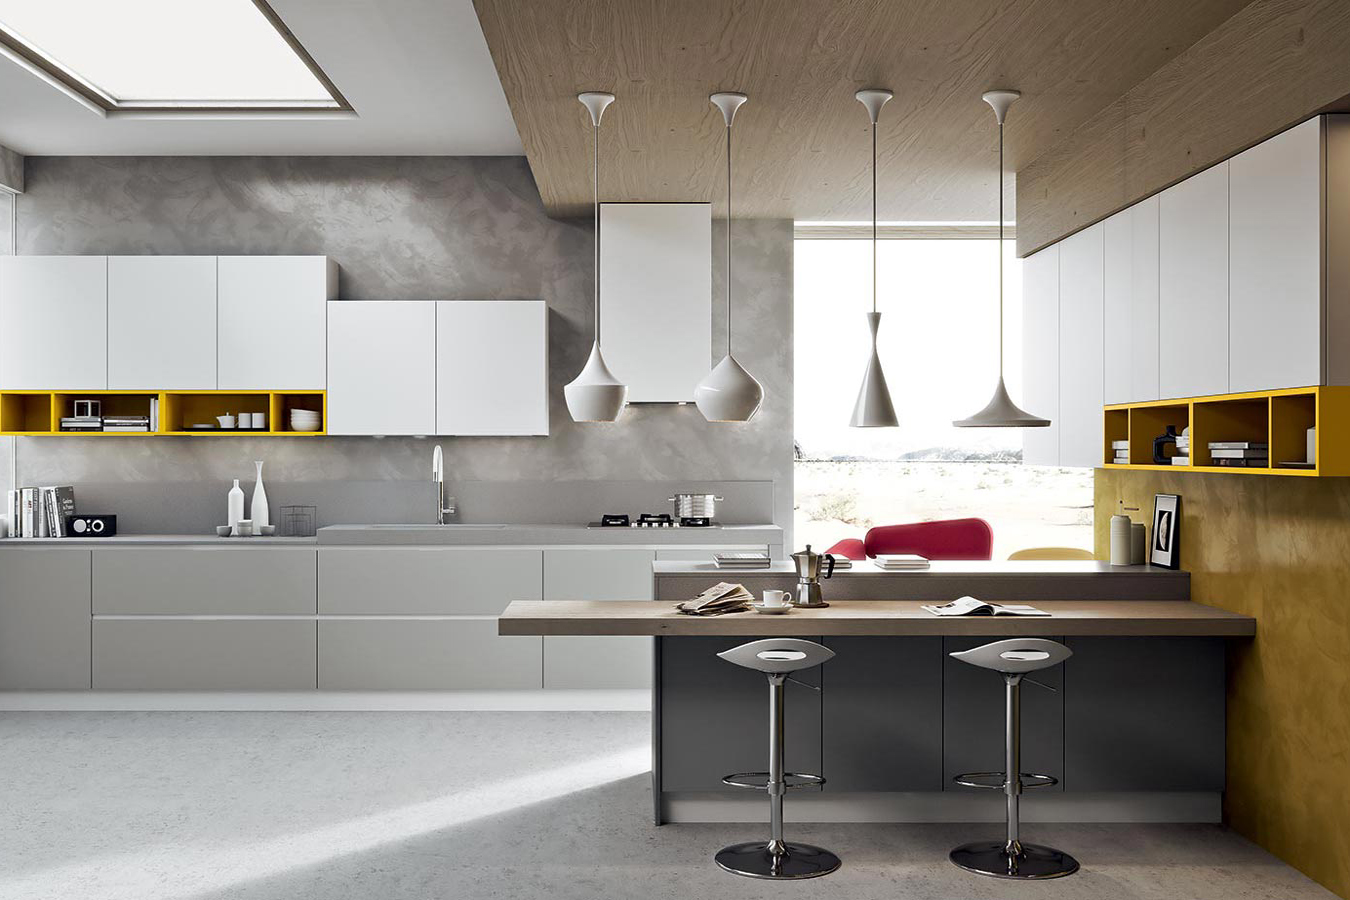 Cucina Luna di Arredo3 da righetti mobili a Novara Piemonte